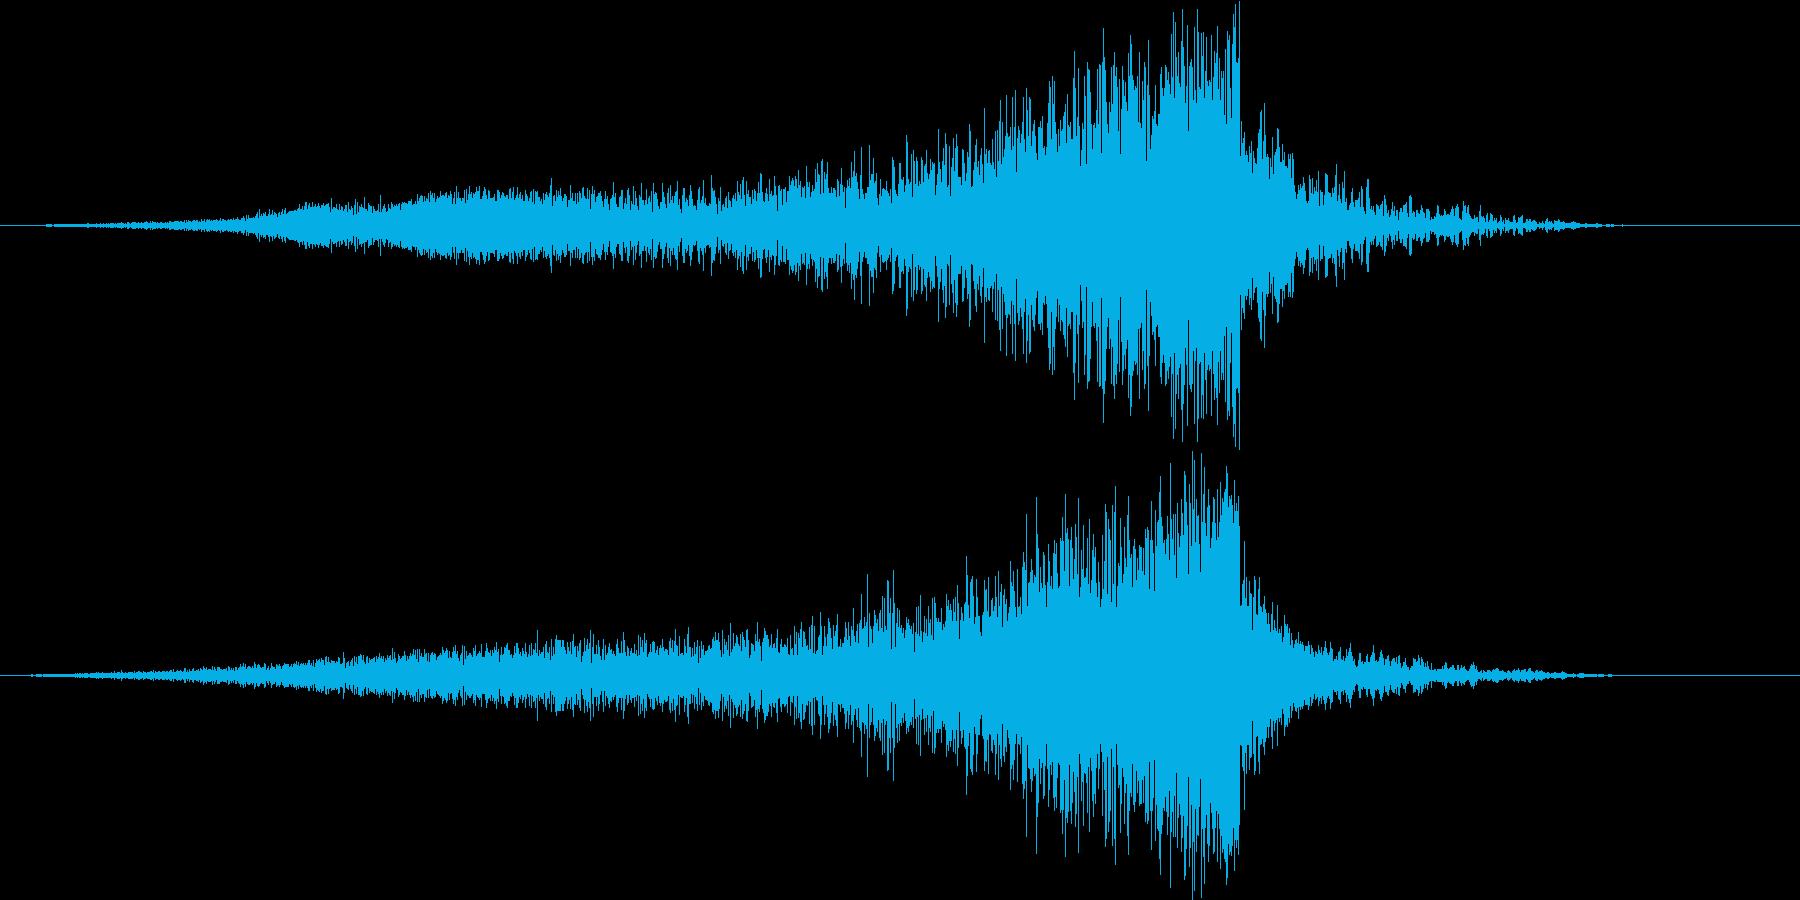 【ライザー】41 ホラーサウンド 恐怖の再生済みの波形